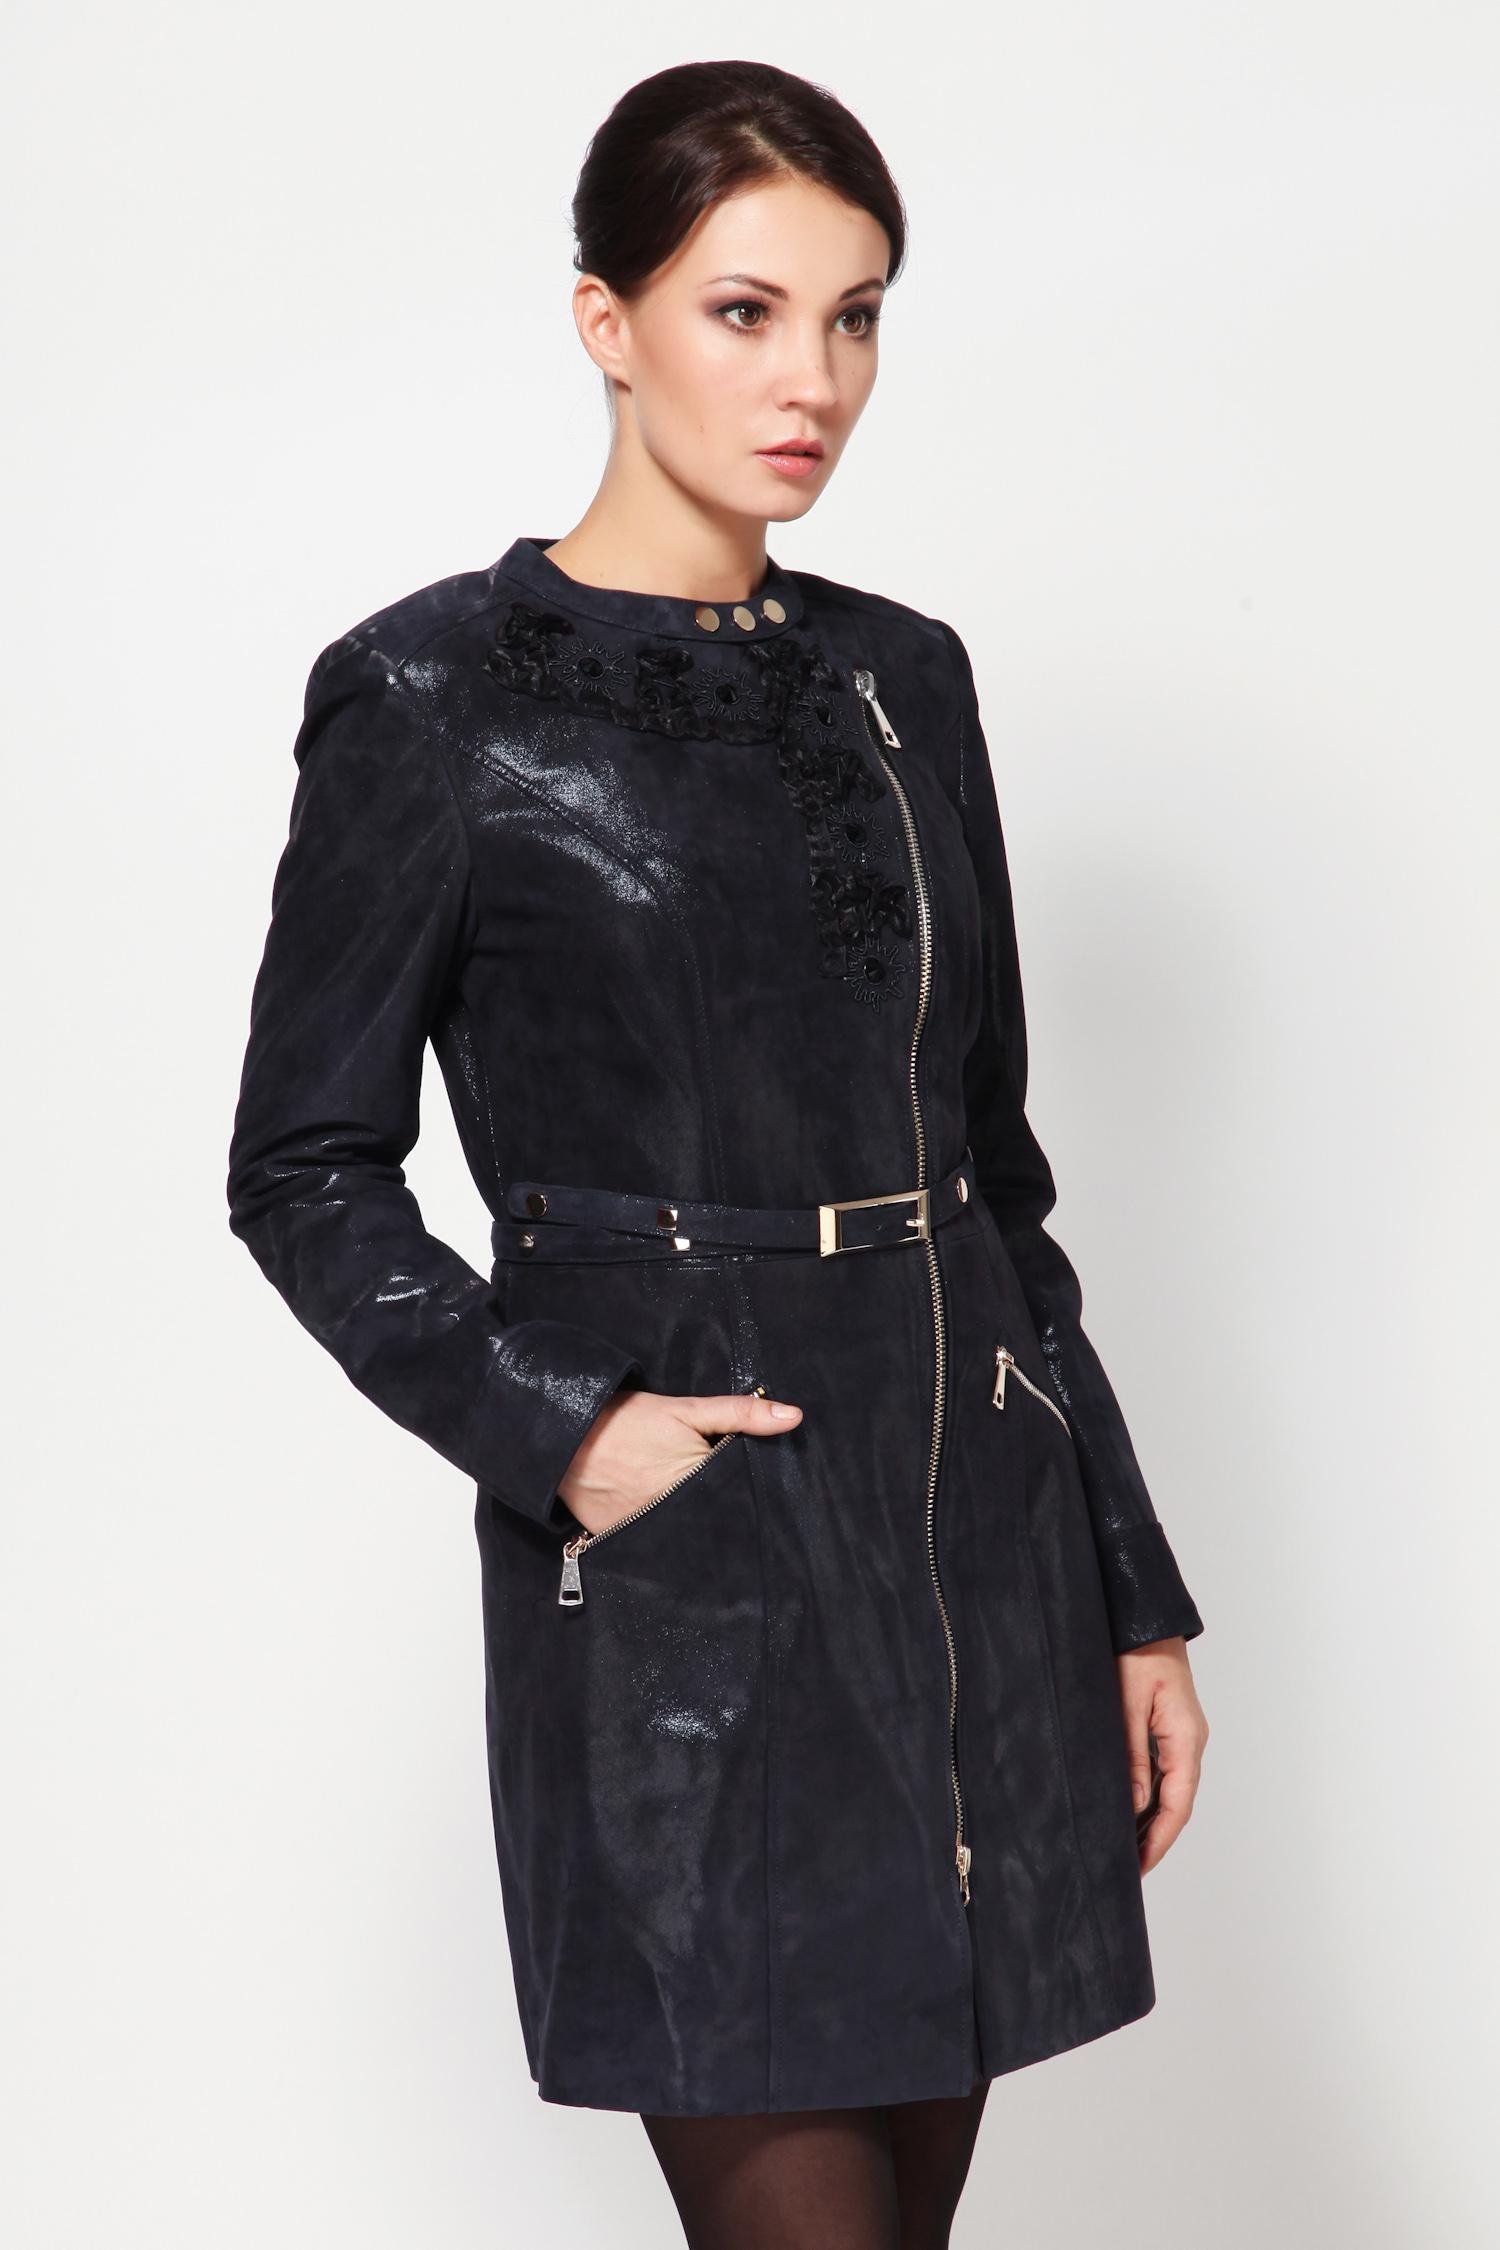 Женское кожаное пальто из натуральной замши (с накатом) с воротником, без отделки<br><br>Воротник: Шанель<br>Длина см: 85<br>Материал: Замша с накатом<br>Цвет: Синий<br>Пол: Женский